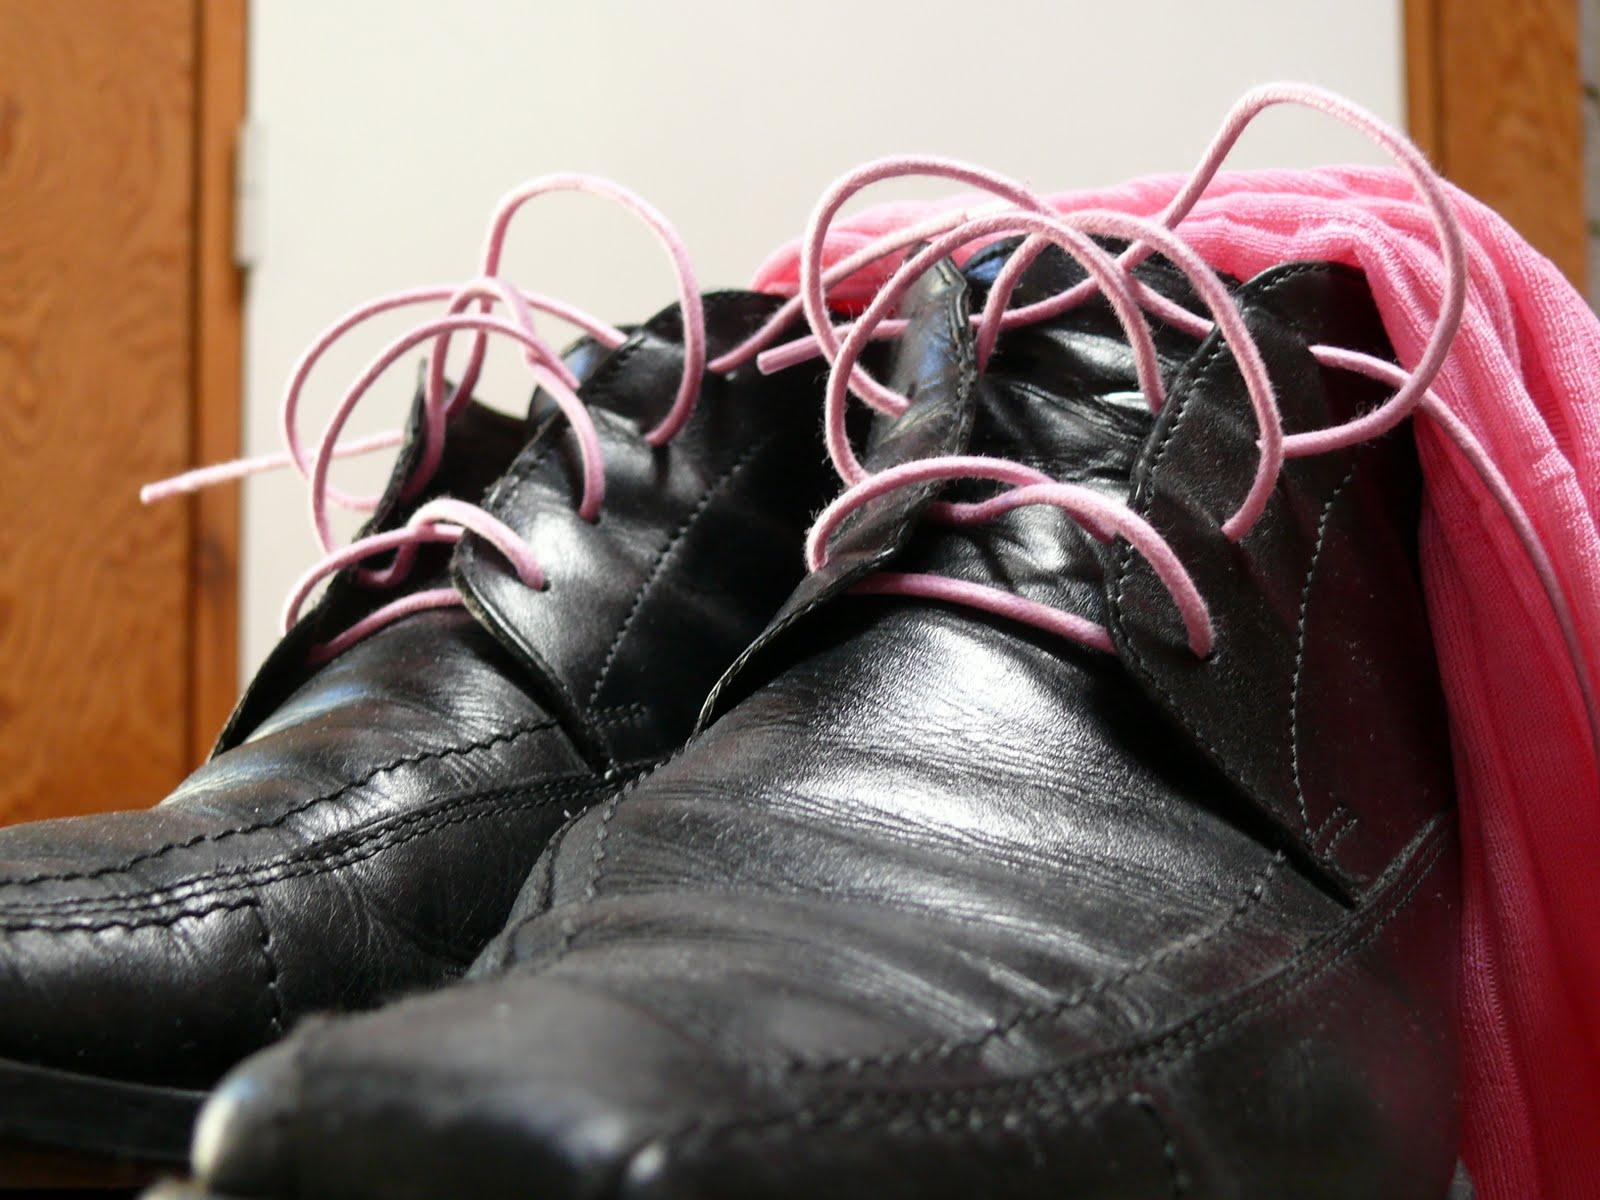 ik heb mijn stoute schoenen aan